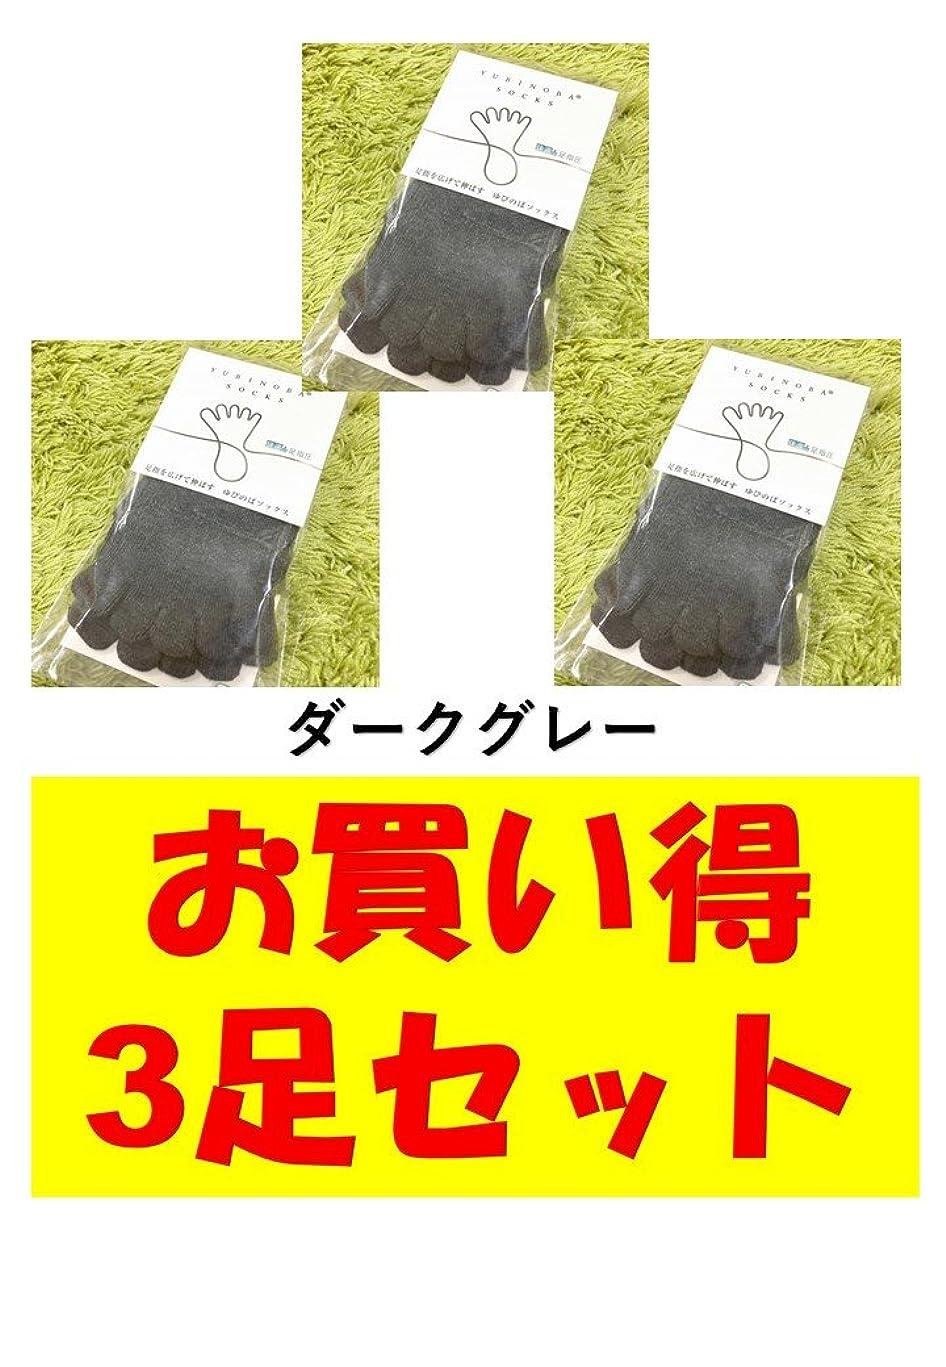 犯罪マークされた連結するお買い得3足セット 5本指 ゆびのばソックス ゆびのばレギュラー ダークグレー 女性用 22.0cm-25.5cm HSREGR-DGL